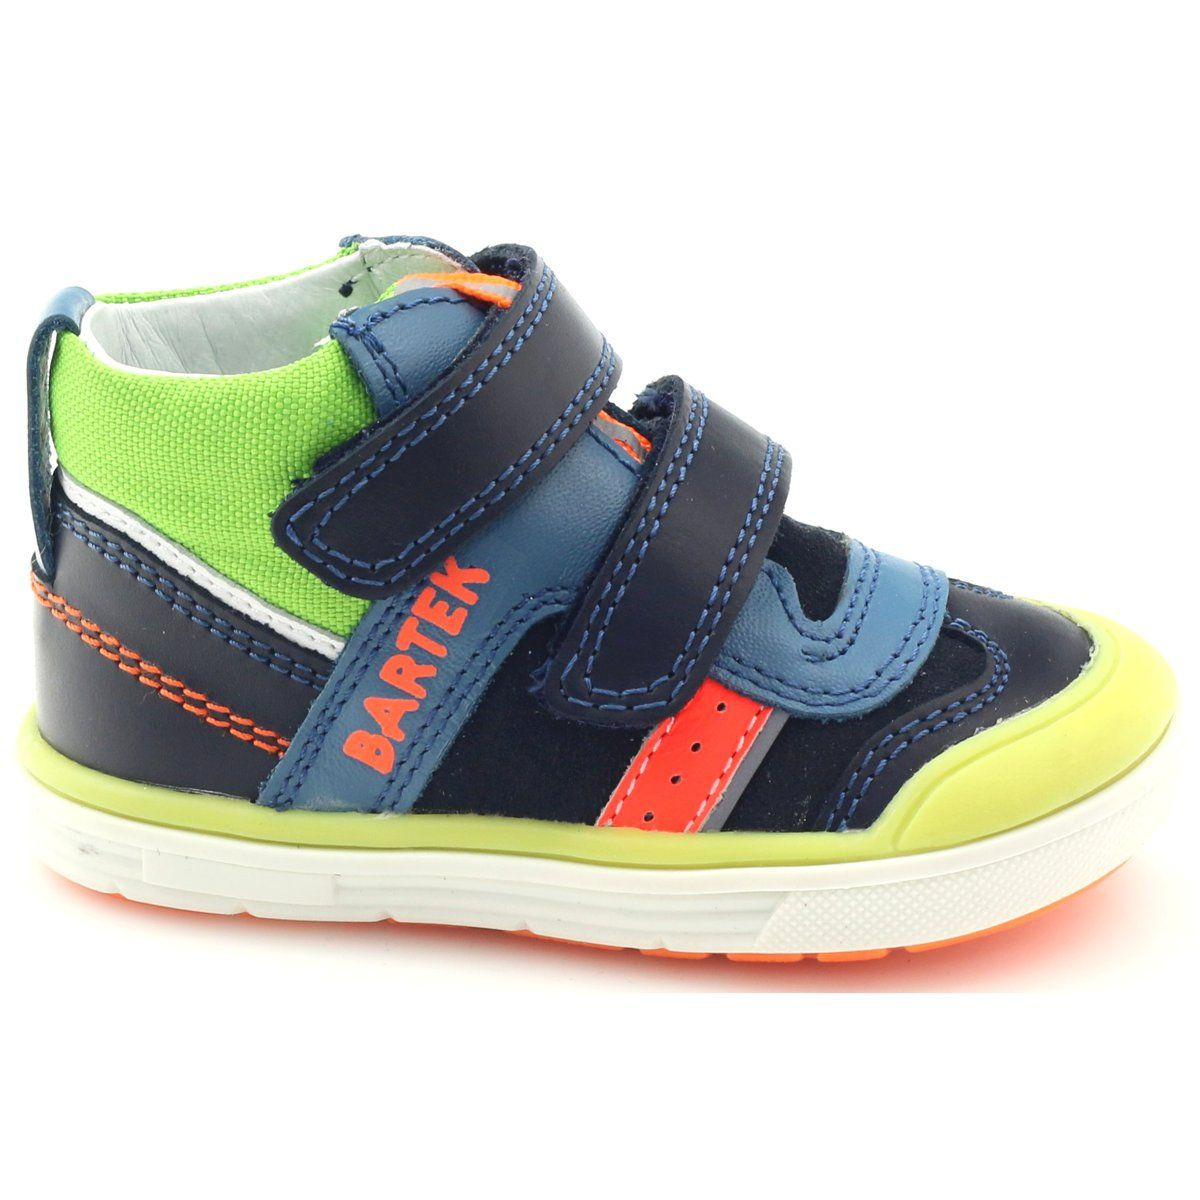 Sportowe Adidasy Wysokie Bartek 81859 Granatowe Zielone Pomaranczowe Niebieskie Shoes Sneakers Fashion